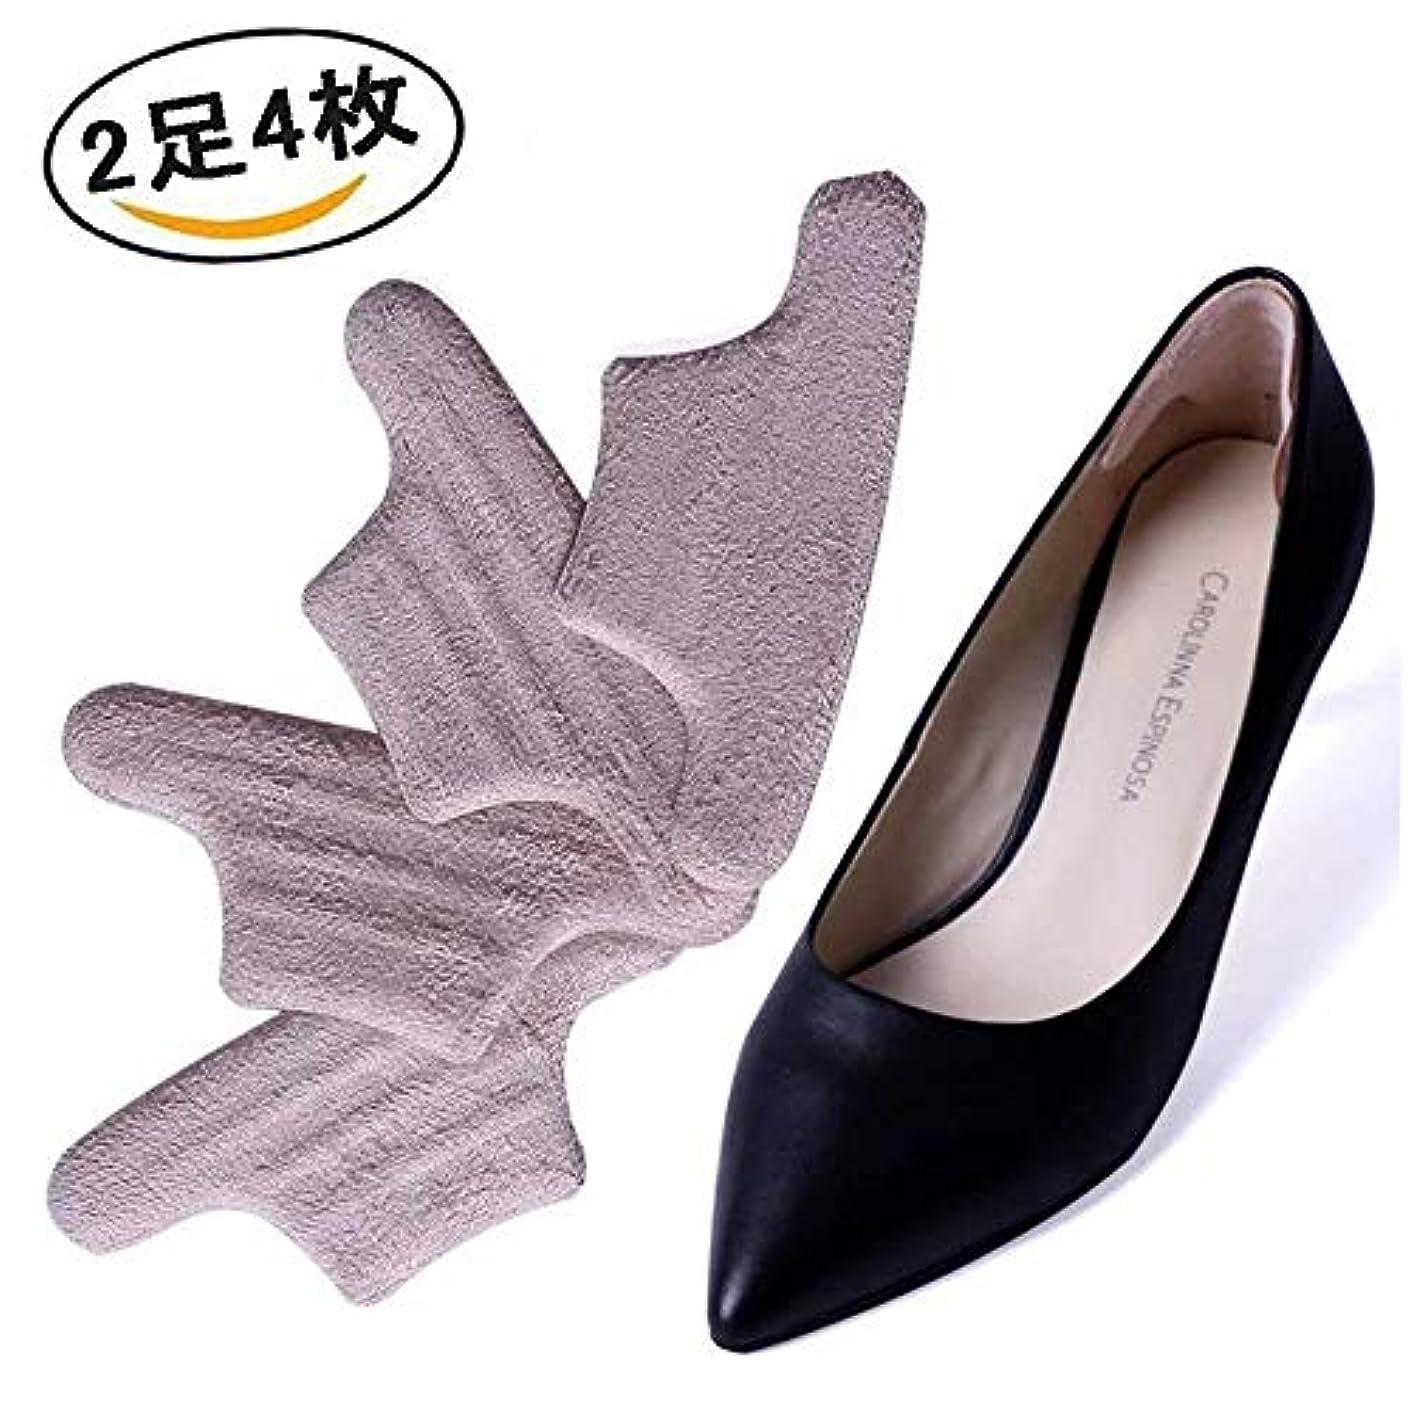 磁器不利益偏差2足セット4枚入り 靴ずれ防止 かかとパッド 靴擦れ